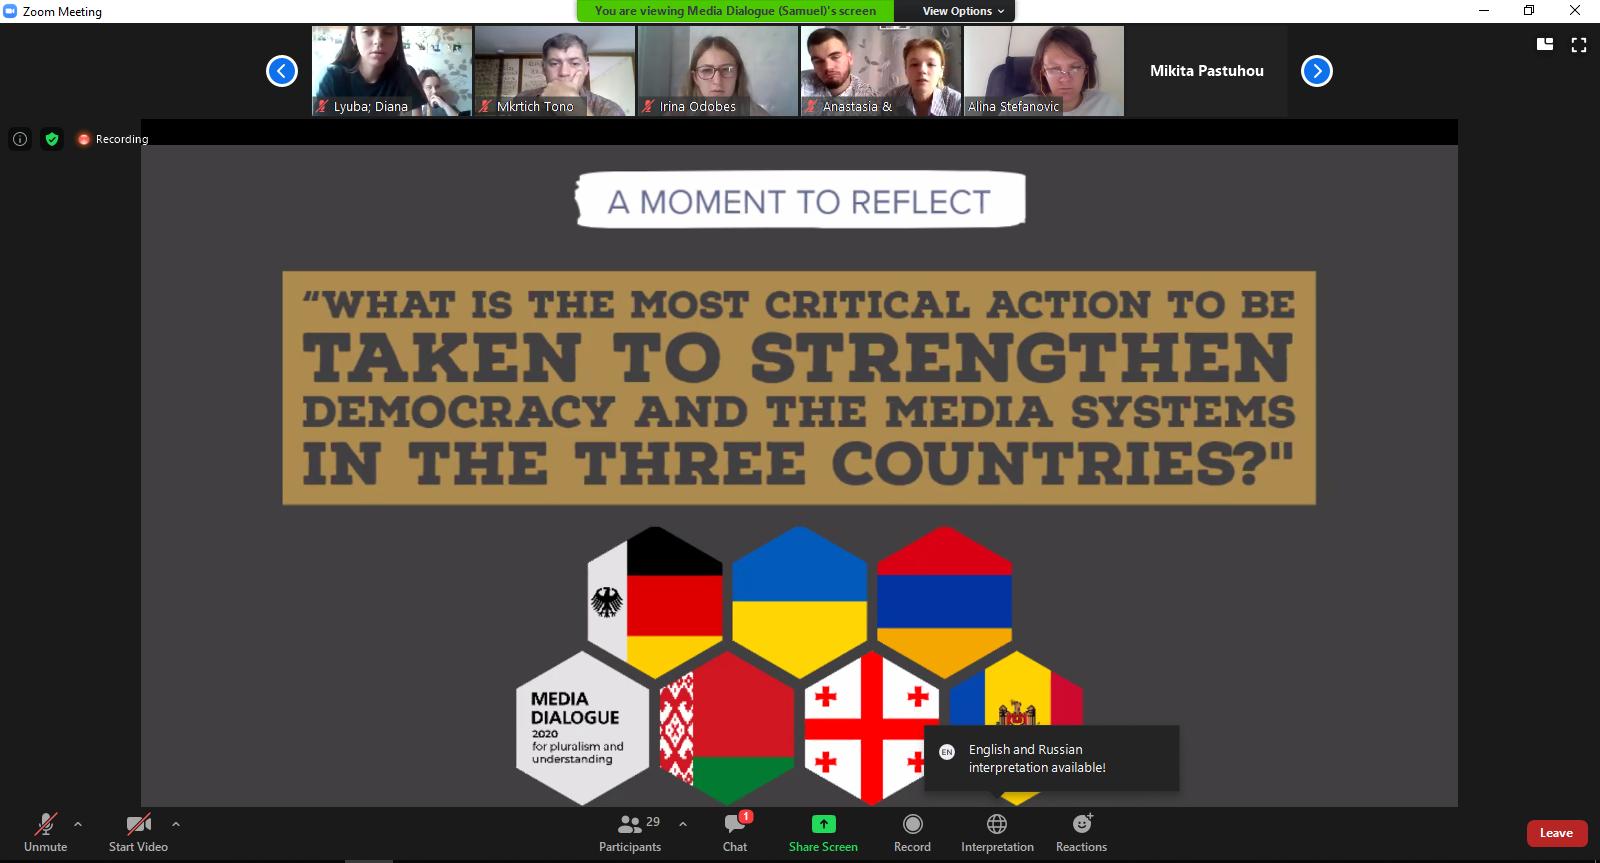 მეორე ონლაინ სემინარი პროექტის Media Dialogue 2020 For Pluralism And Understanding ფარგლებში